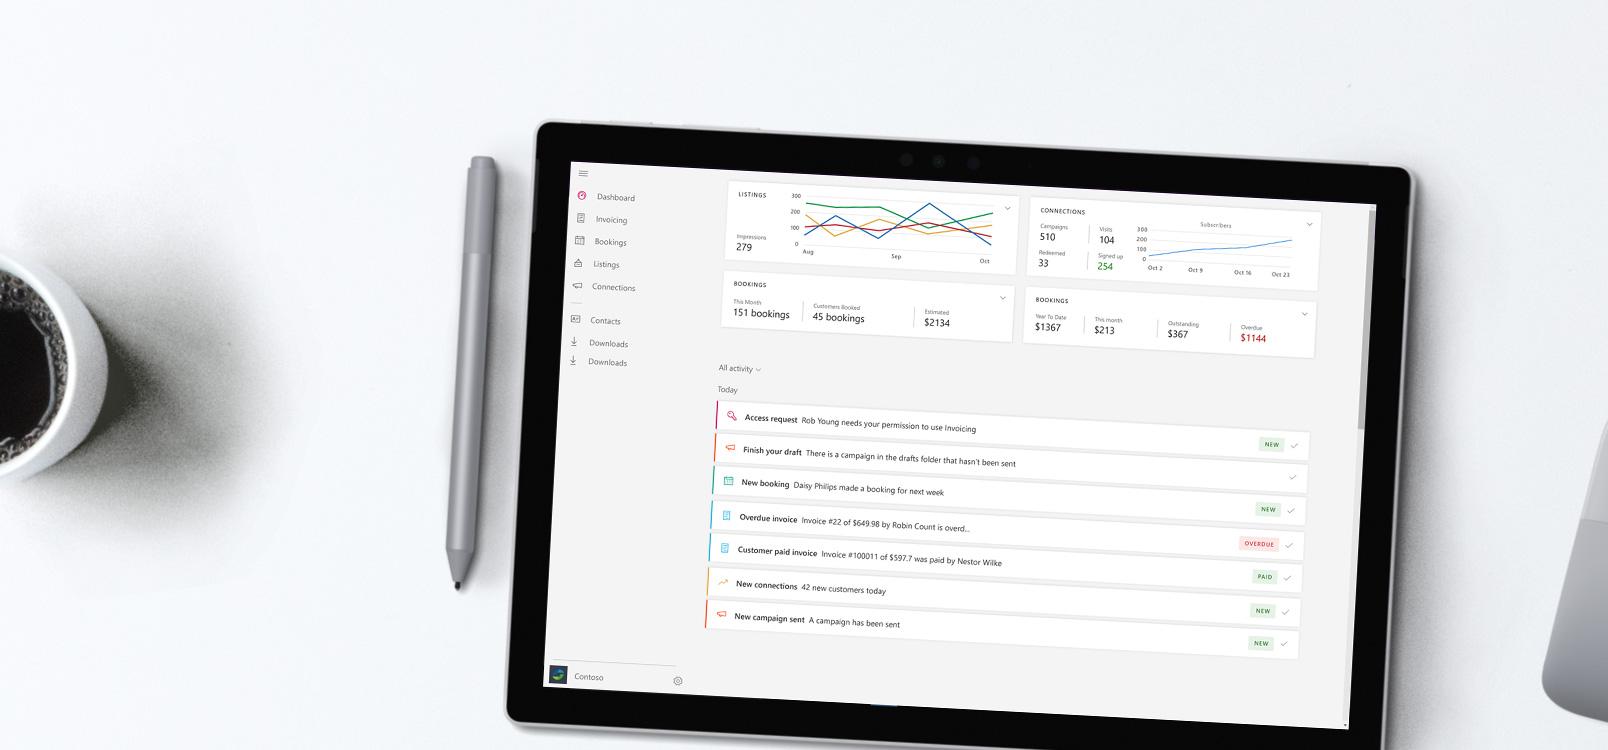 """Nešiojamasis kompiuteris, kuriame rodomas """"Office 365"""" verslo centras"""